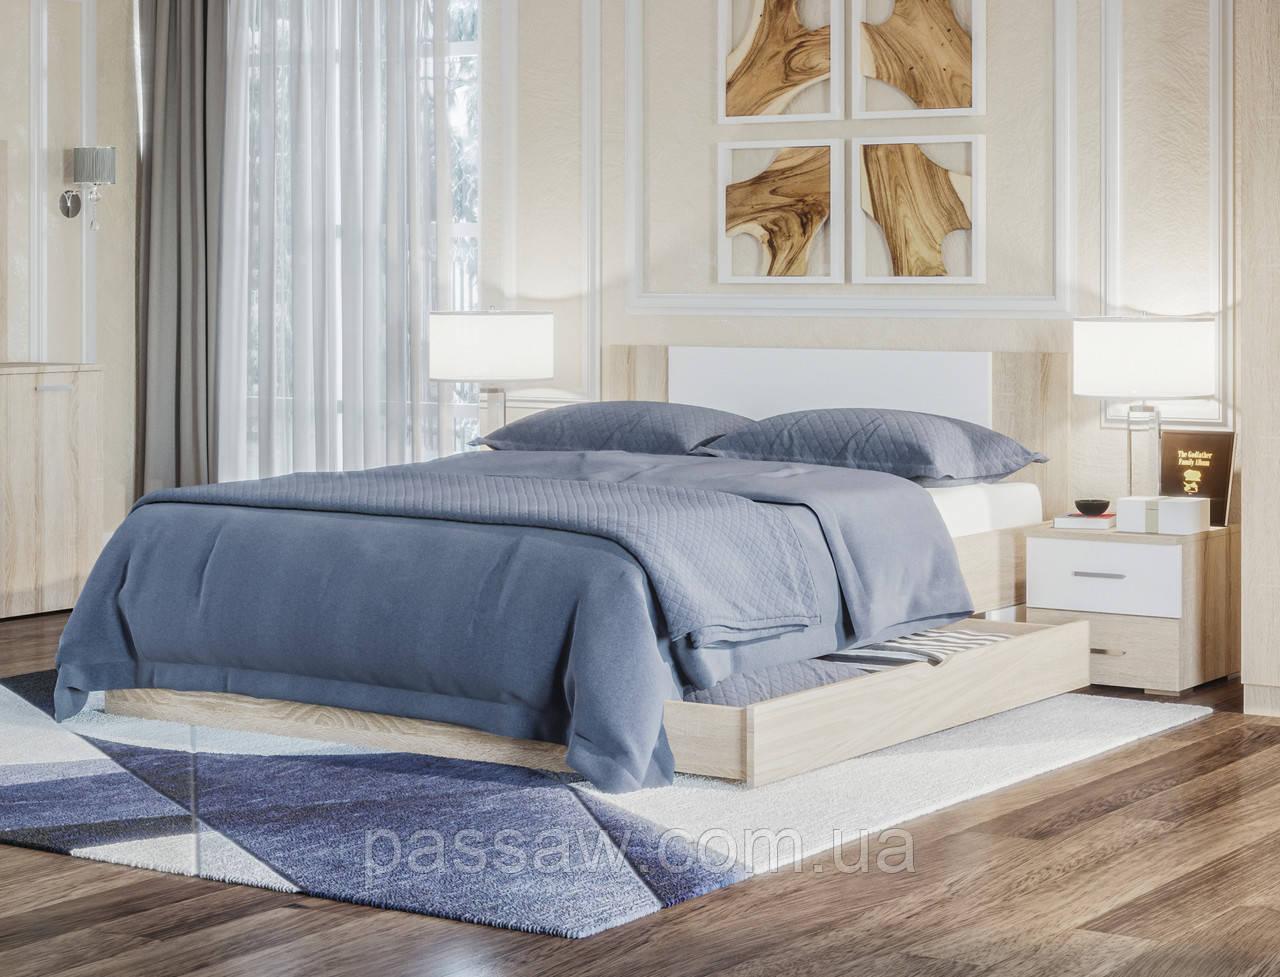 Кровать с ортопедическим каркасом 1,8 Лилея с ящиками